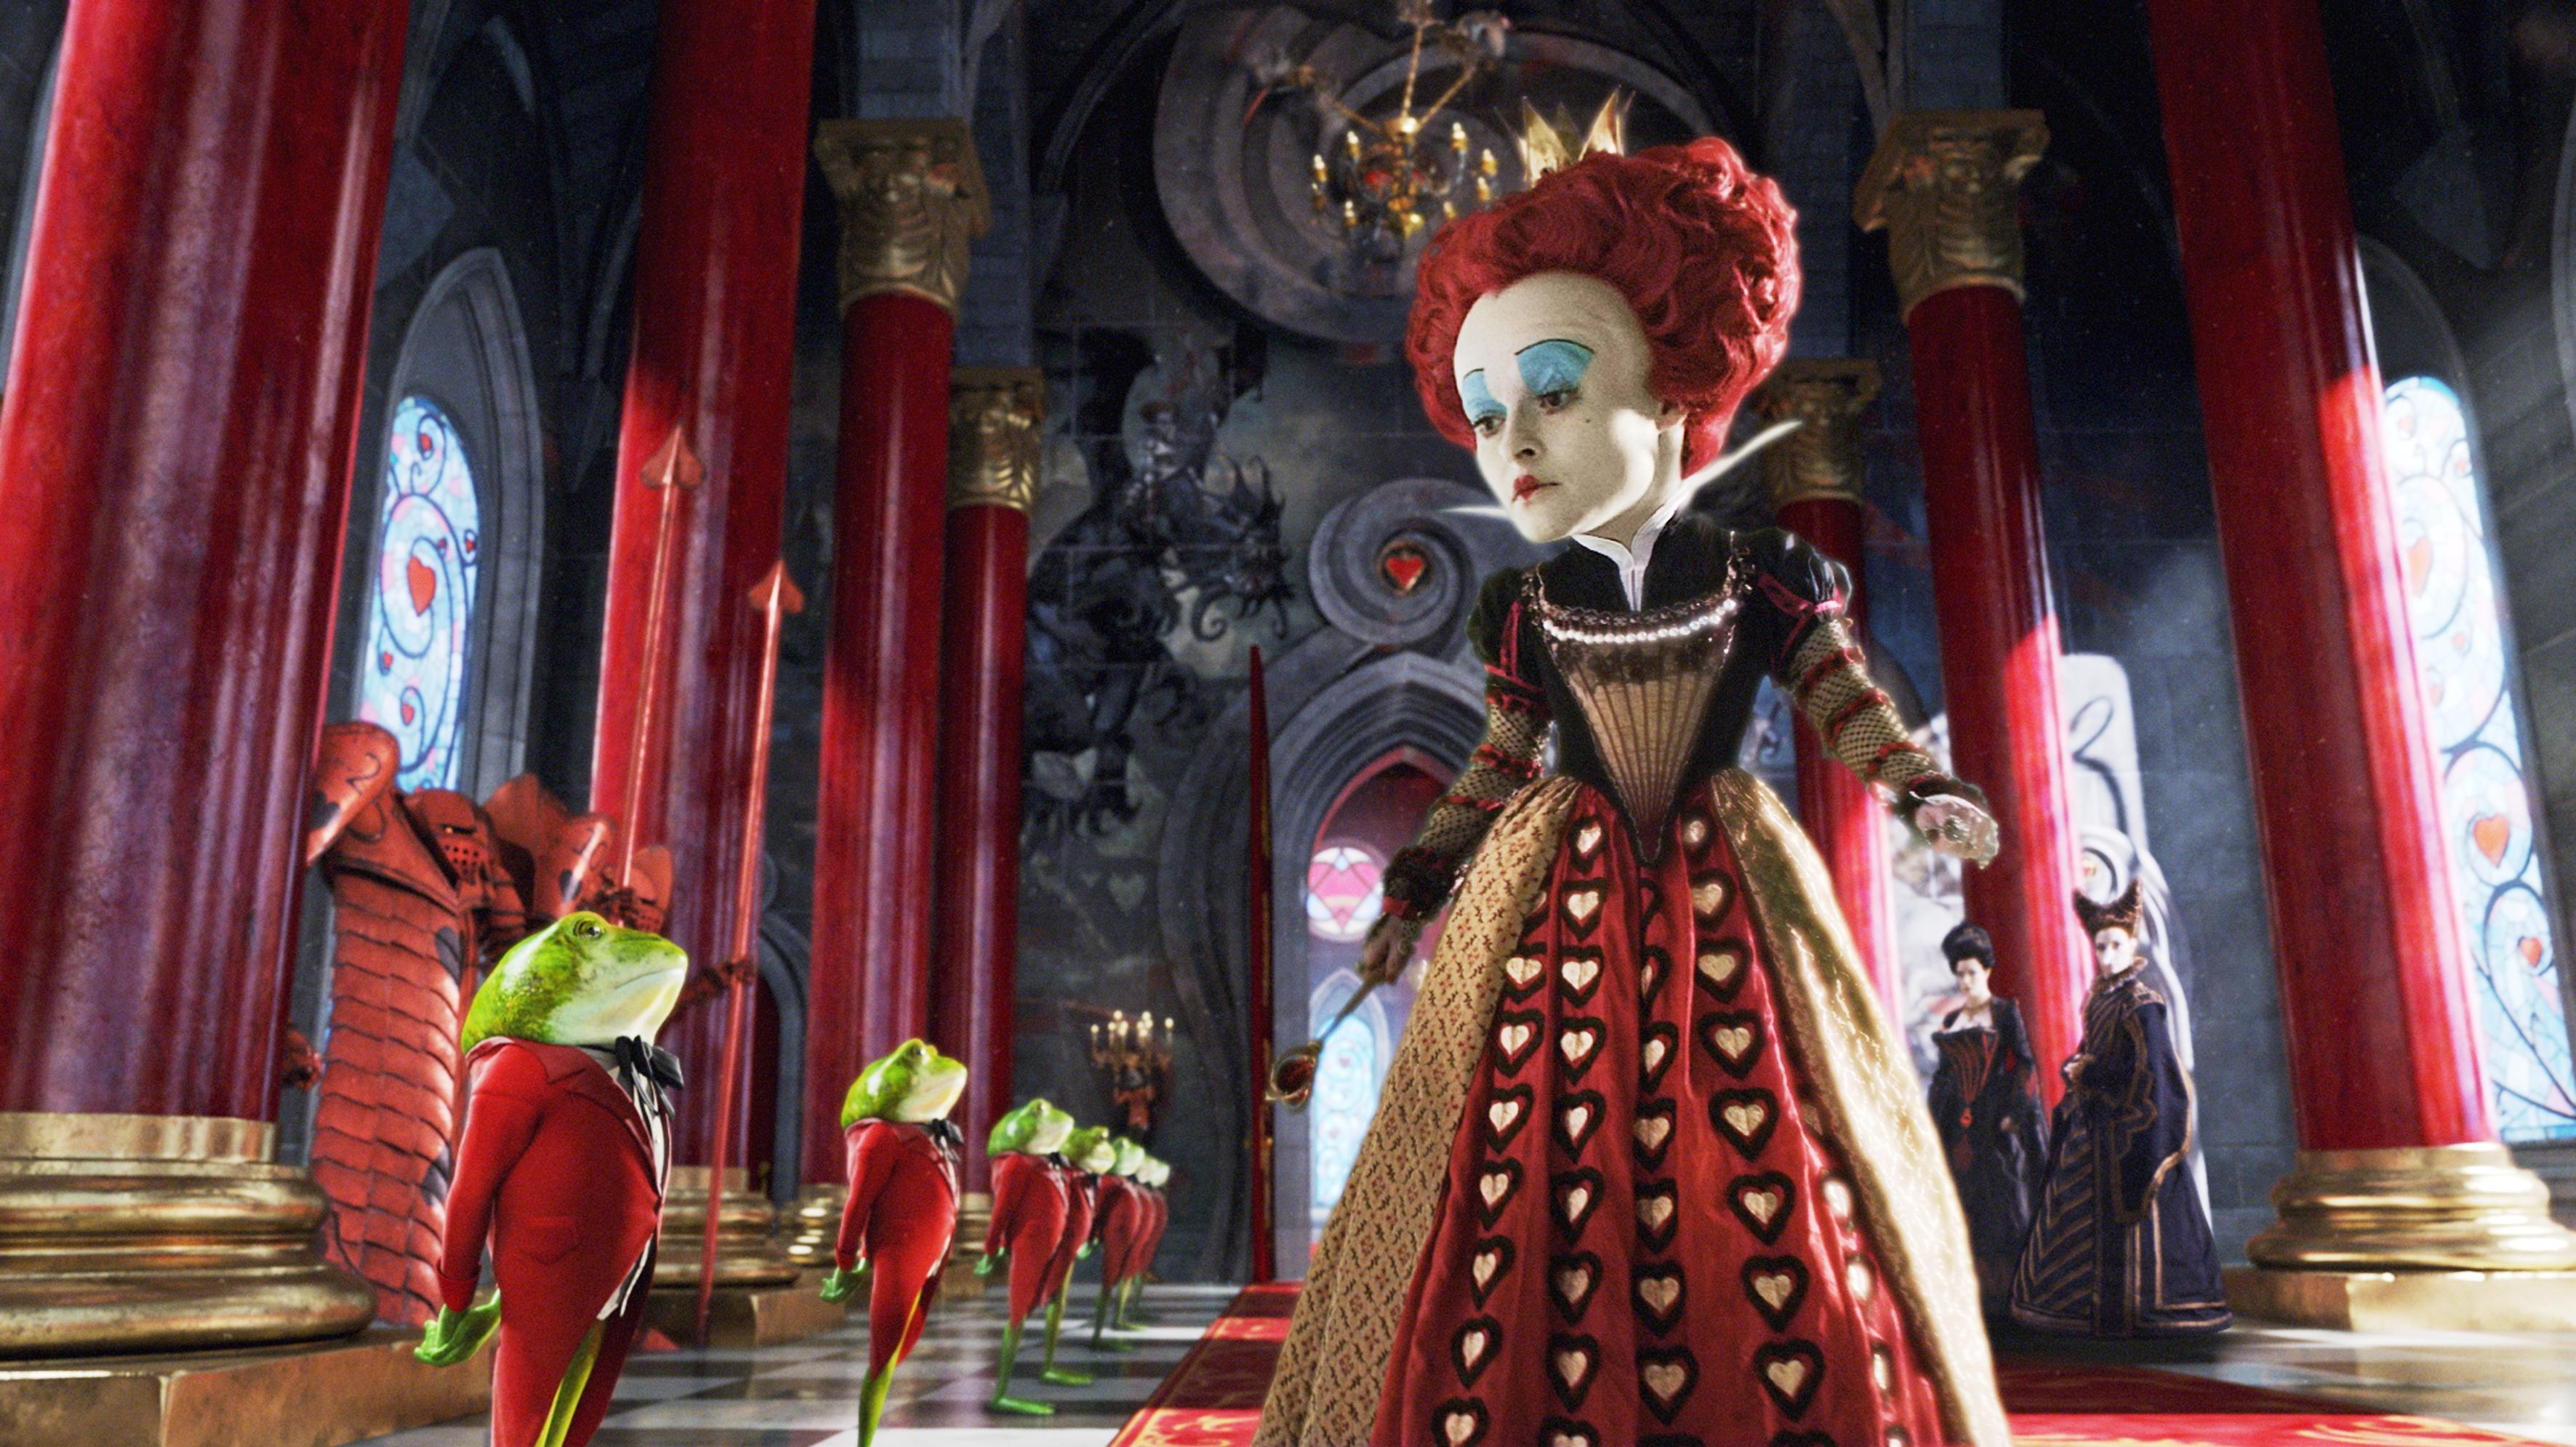 кадры из фильма Алиса в Стране чудес Хелена Бонэм Картер,